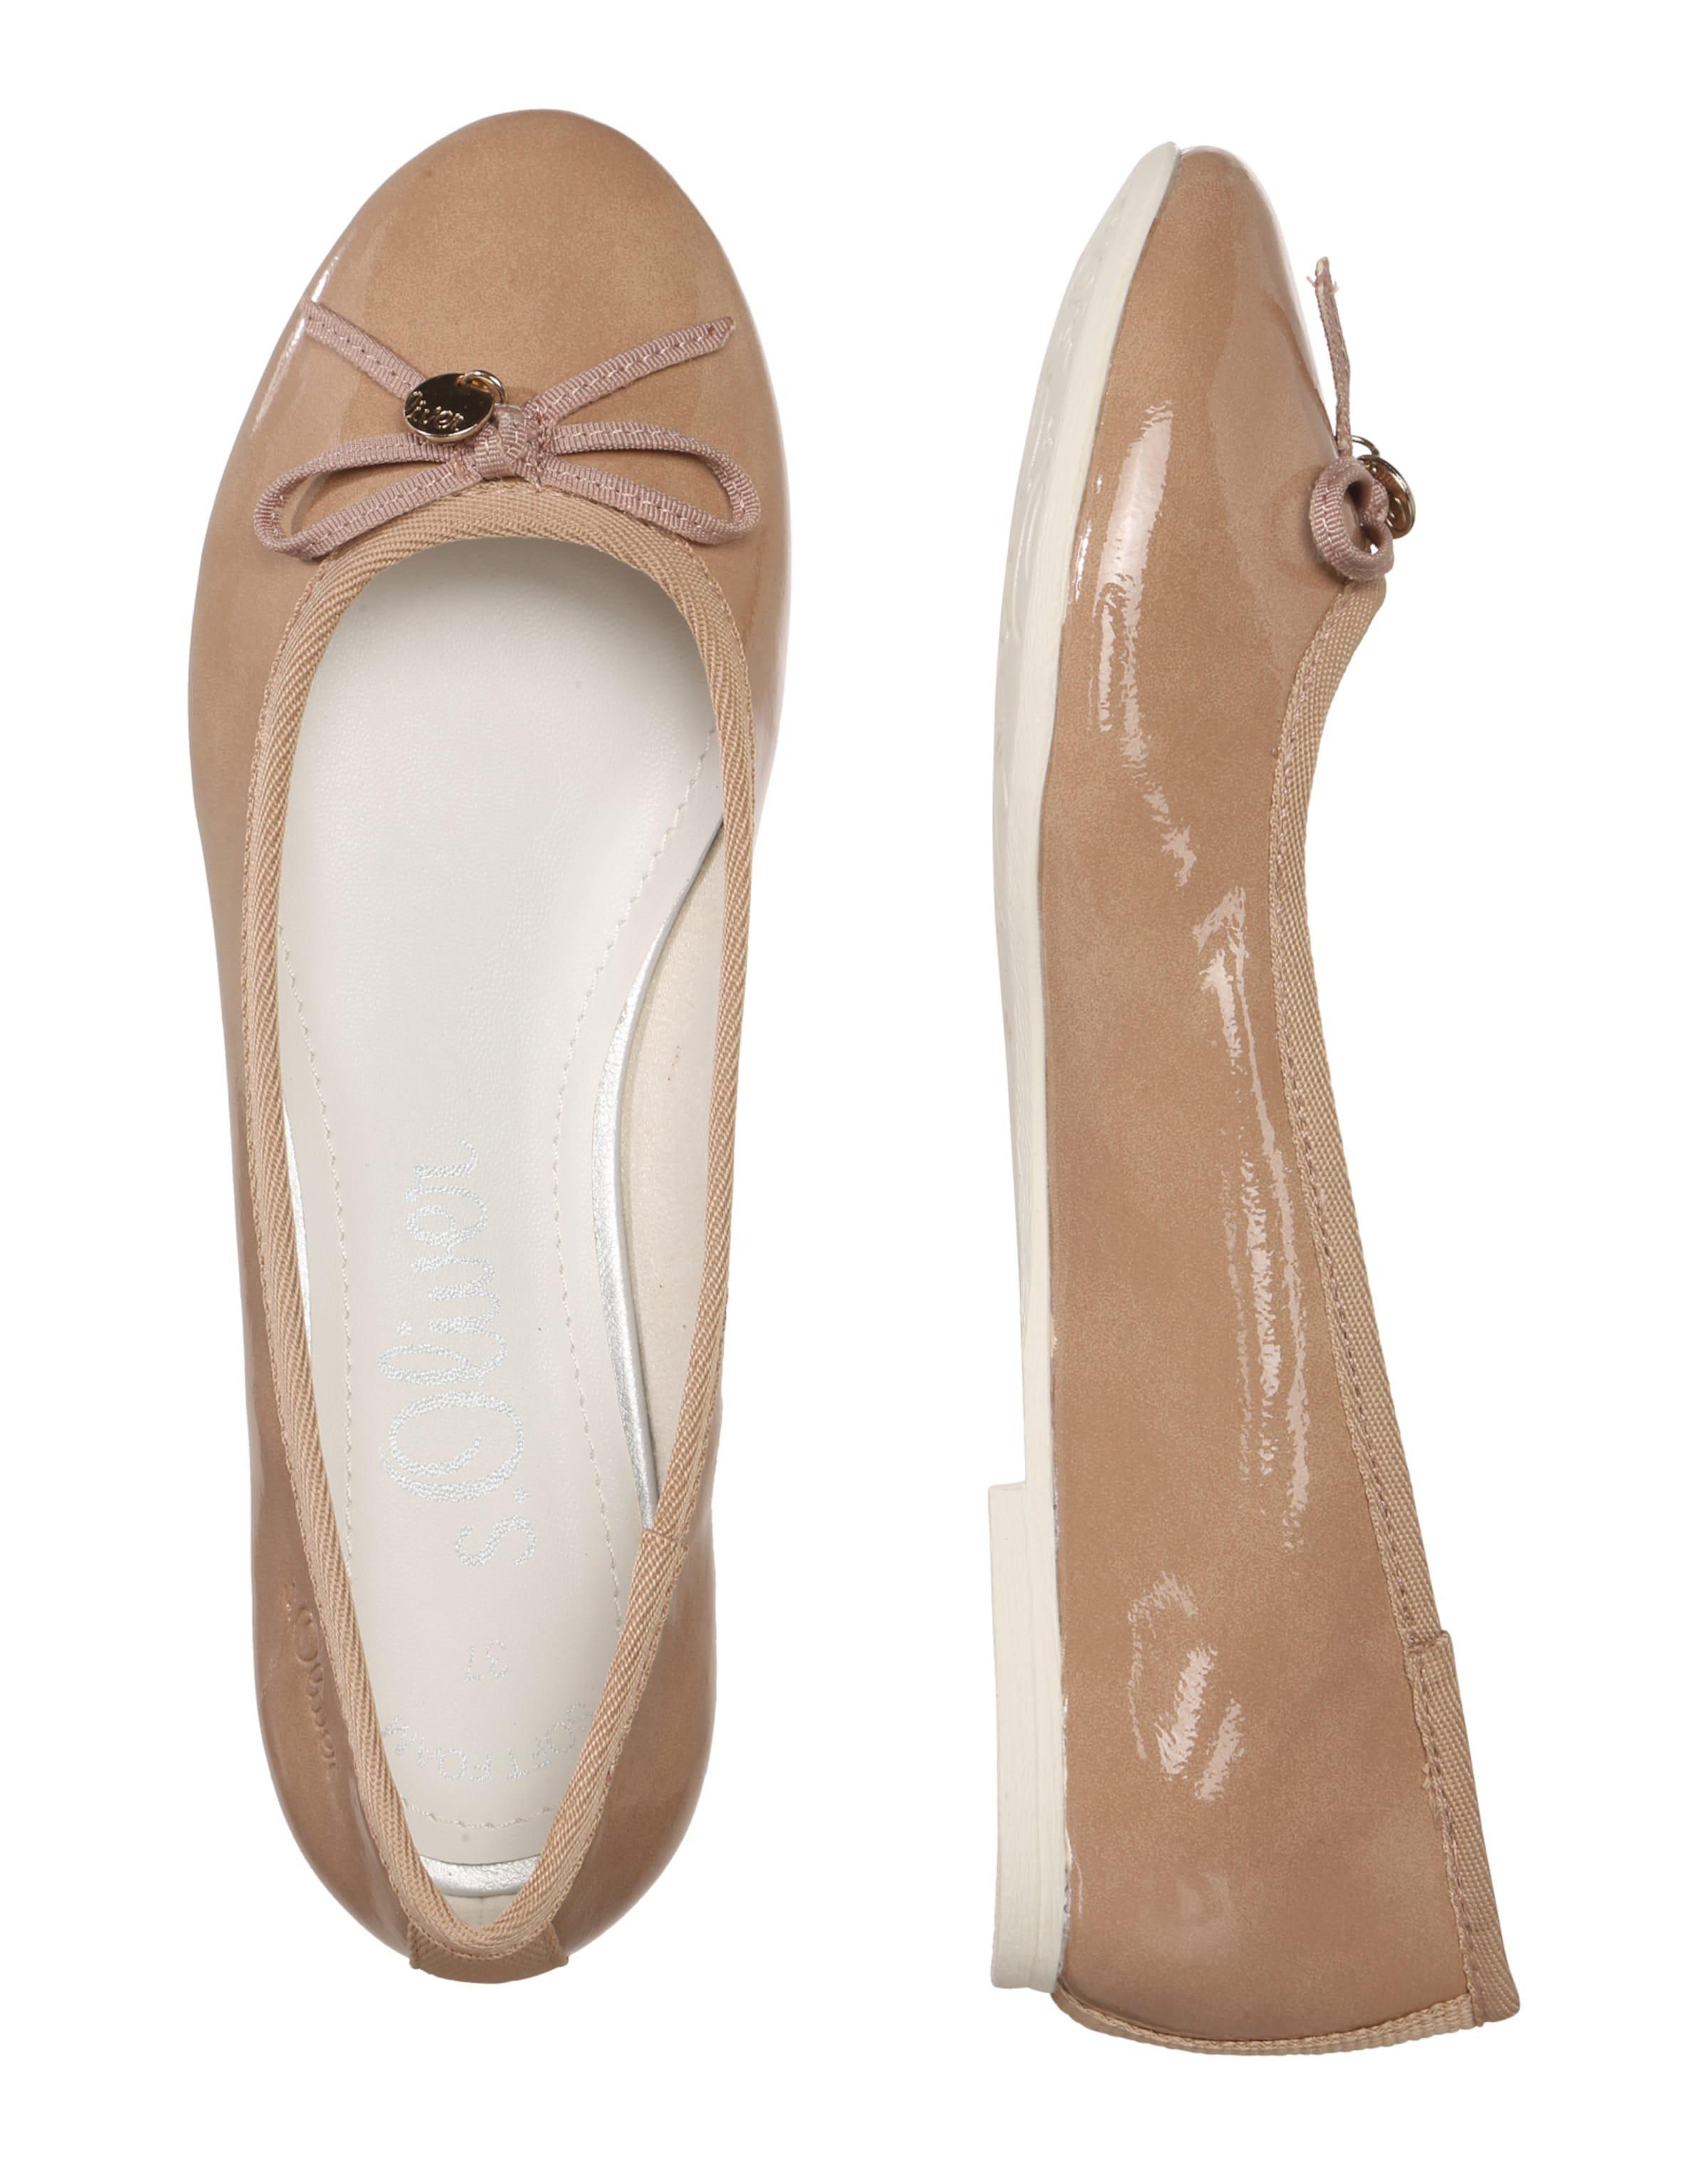 s.Oliver RED LABEL Ballerina in Lackleder-Optik 100% Original Günstiger Preis Billig Verkauf 2018 Neue Rabatt Extrem 100% Authentisch Verkauf Online  Wie Viel Tc0dL